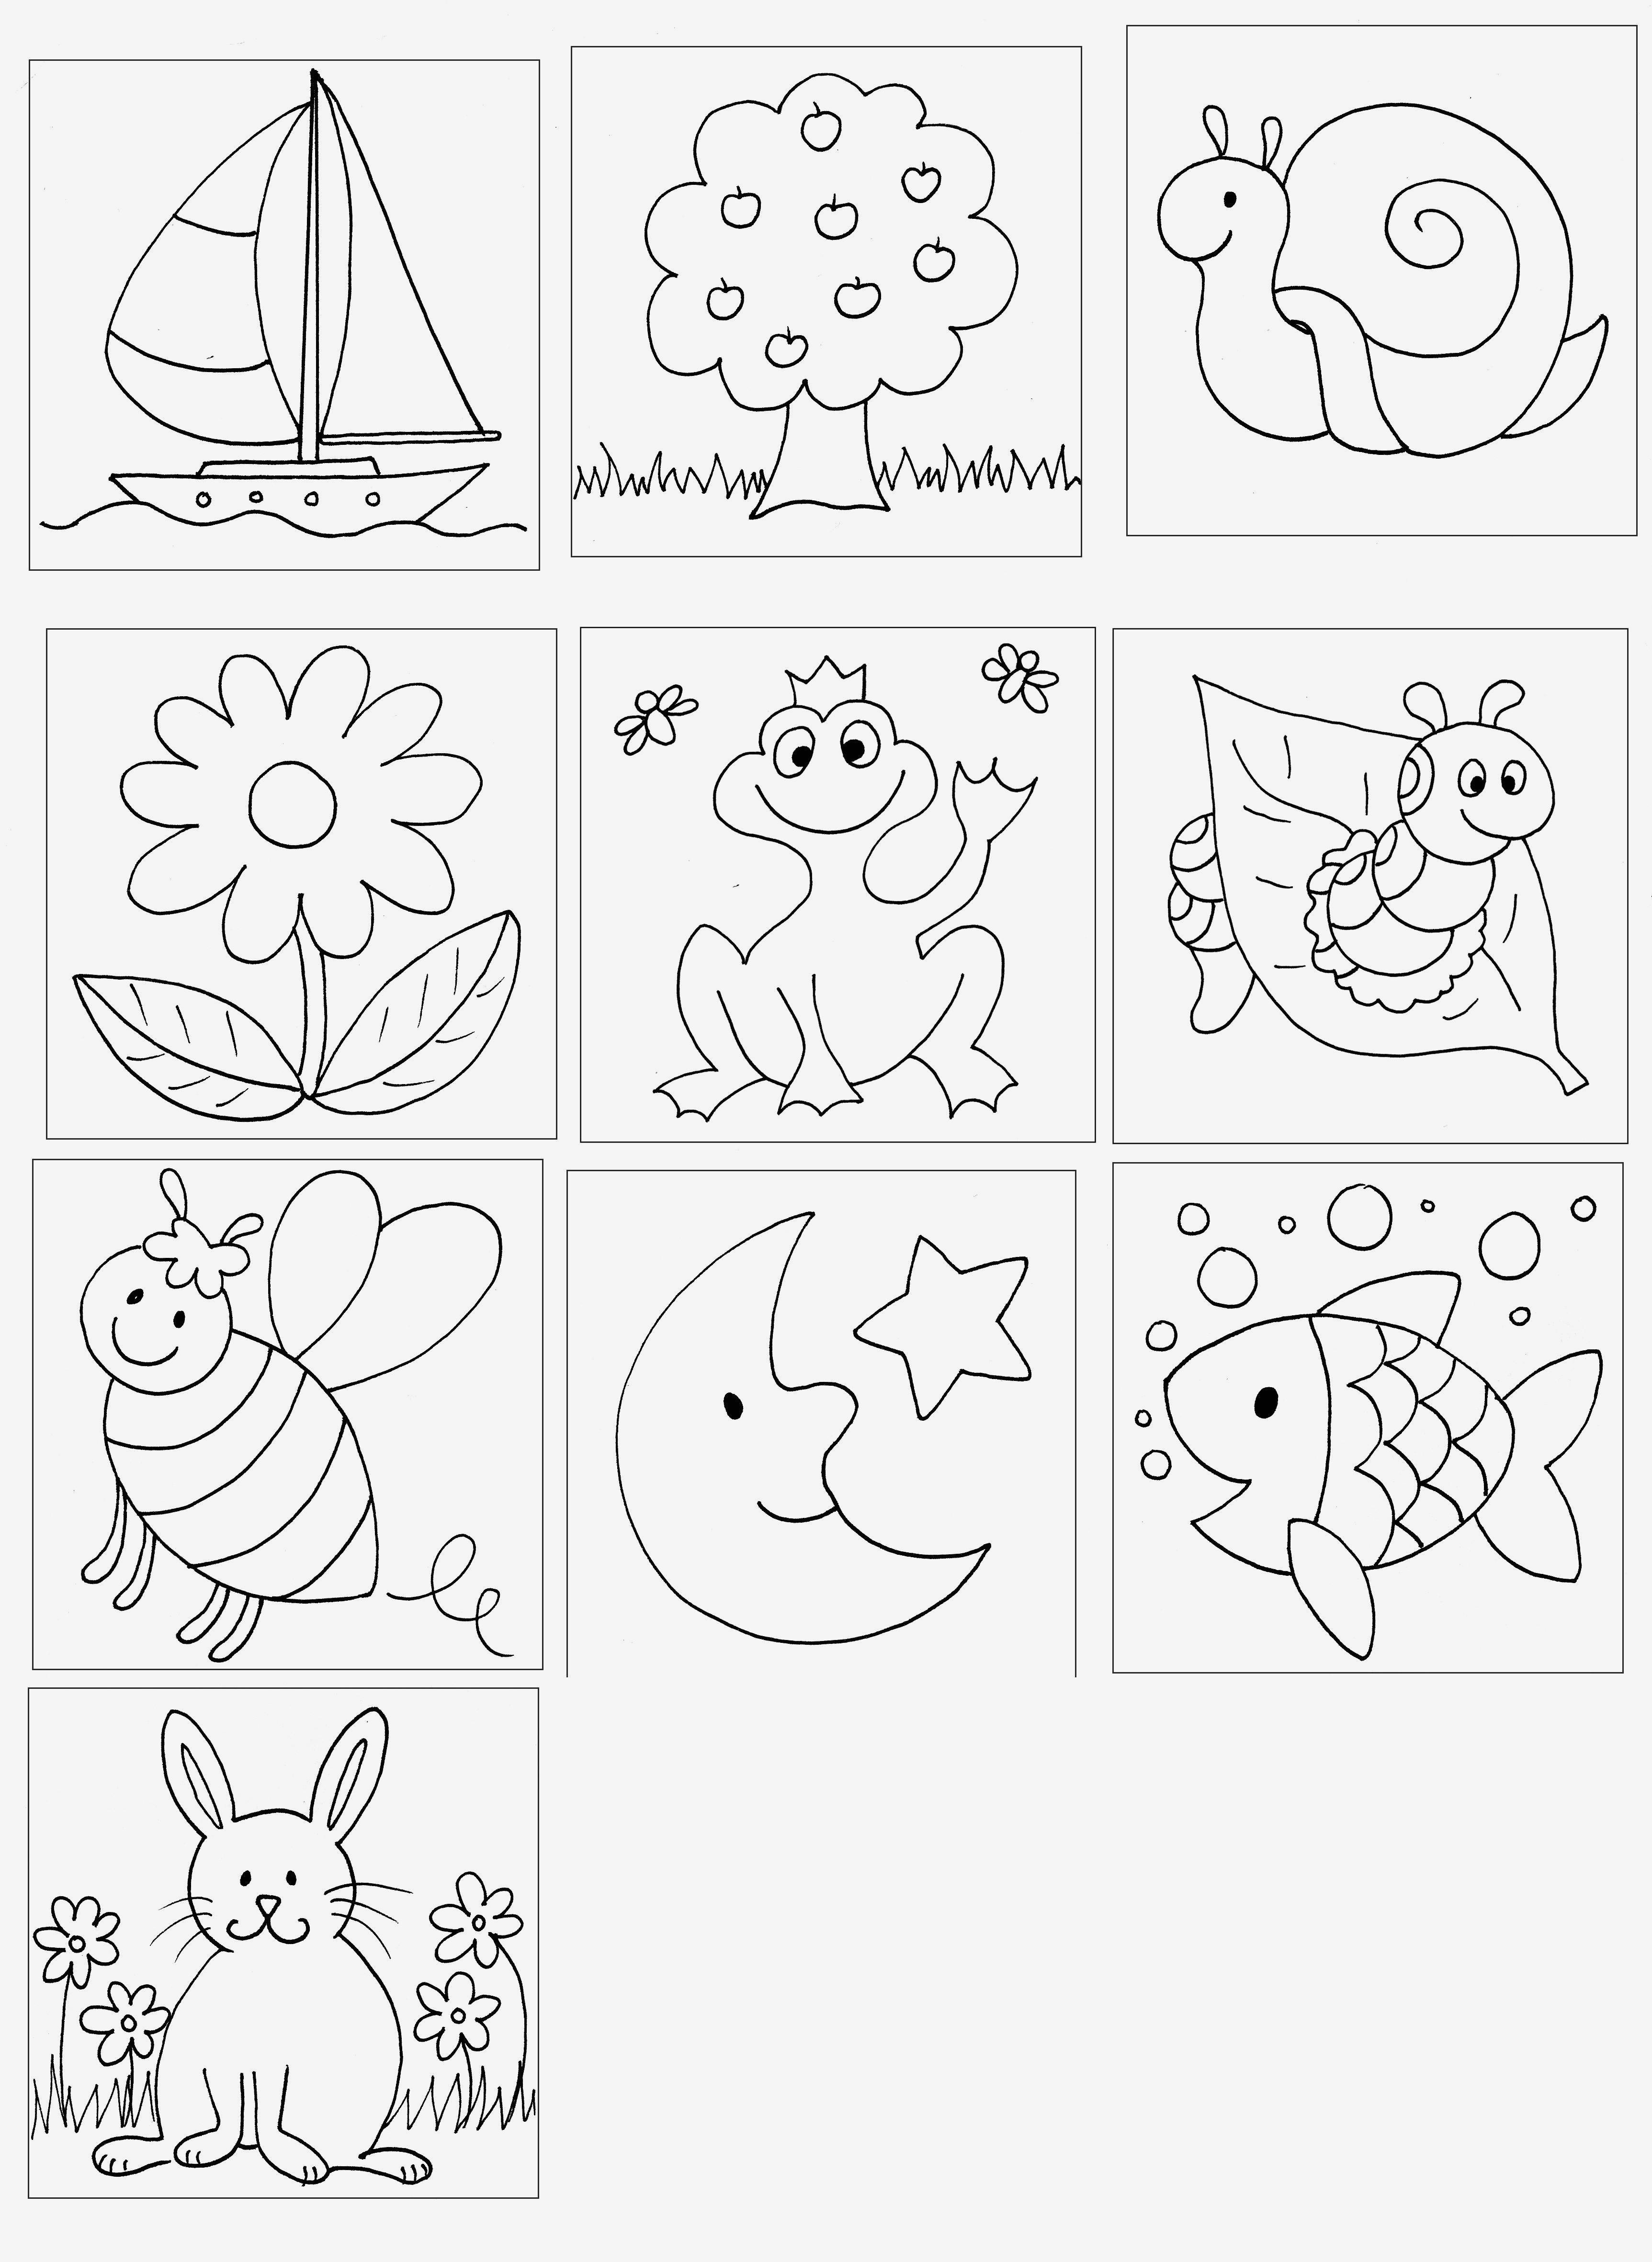 Ausmalbilder Zum Ausdrucken Hunde Frisch Malvorlagen Katzen Und Hunde Beispielbilder Färben Hahn Malvorlagen Sammlung